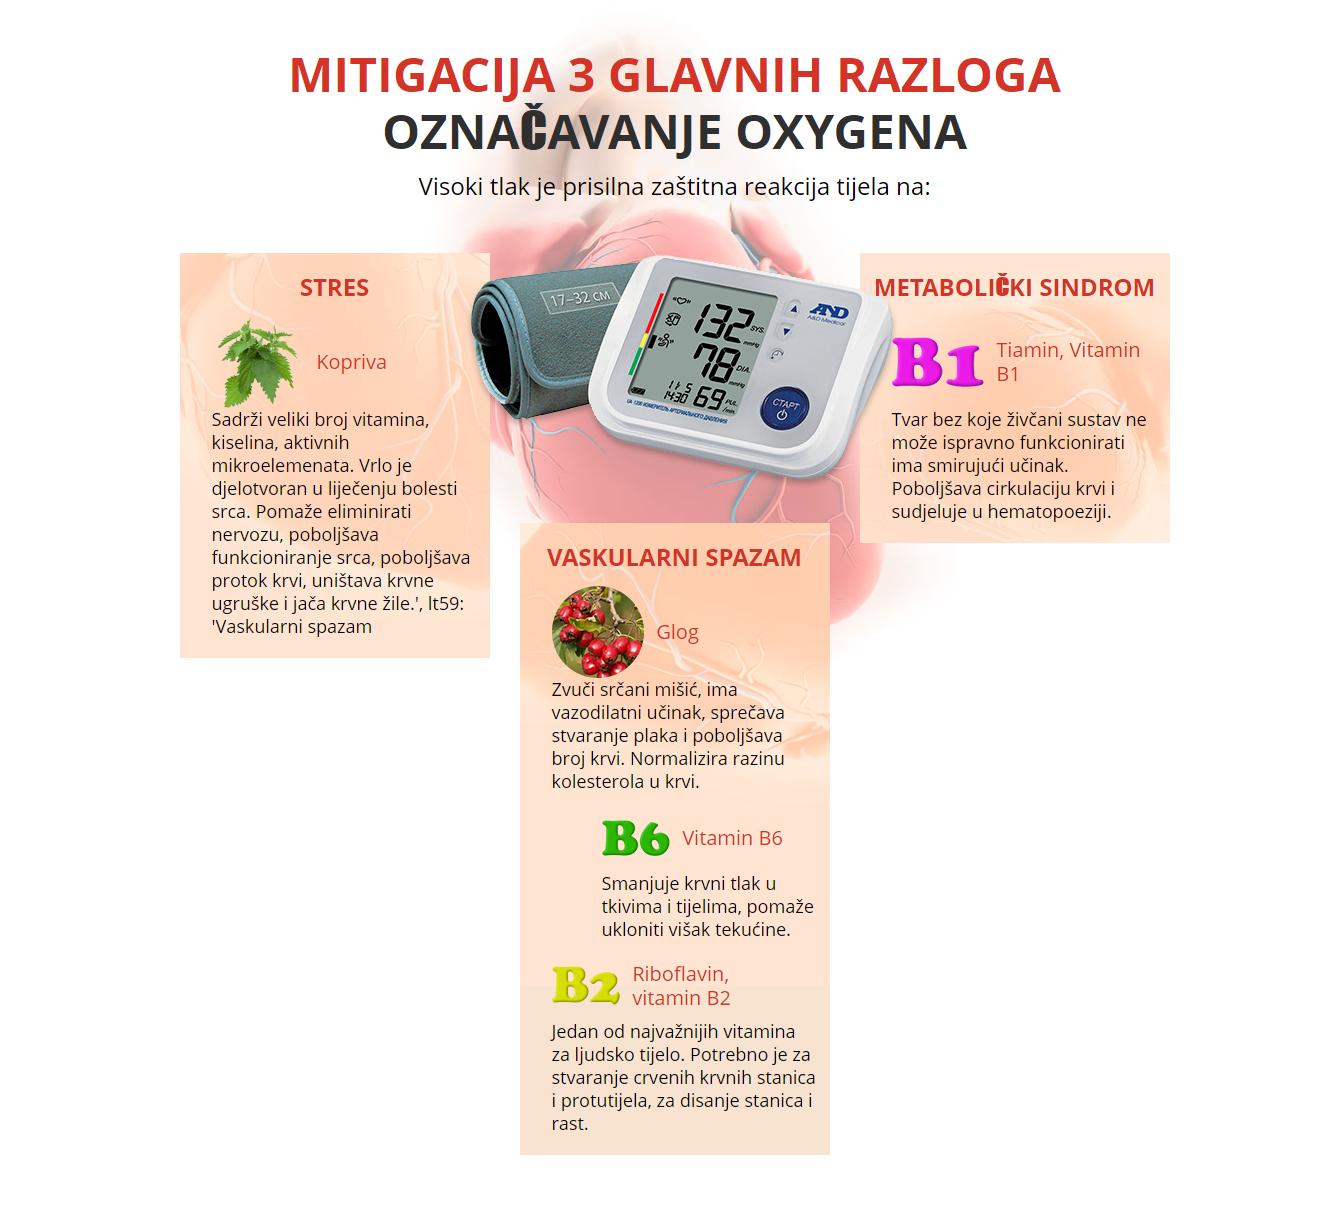 kemija krvi s hipertenzijom